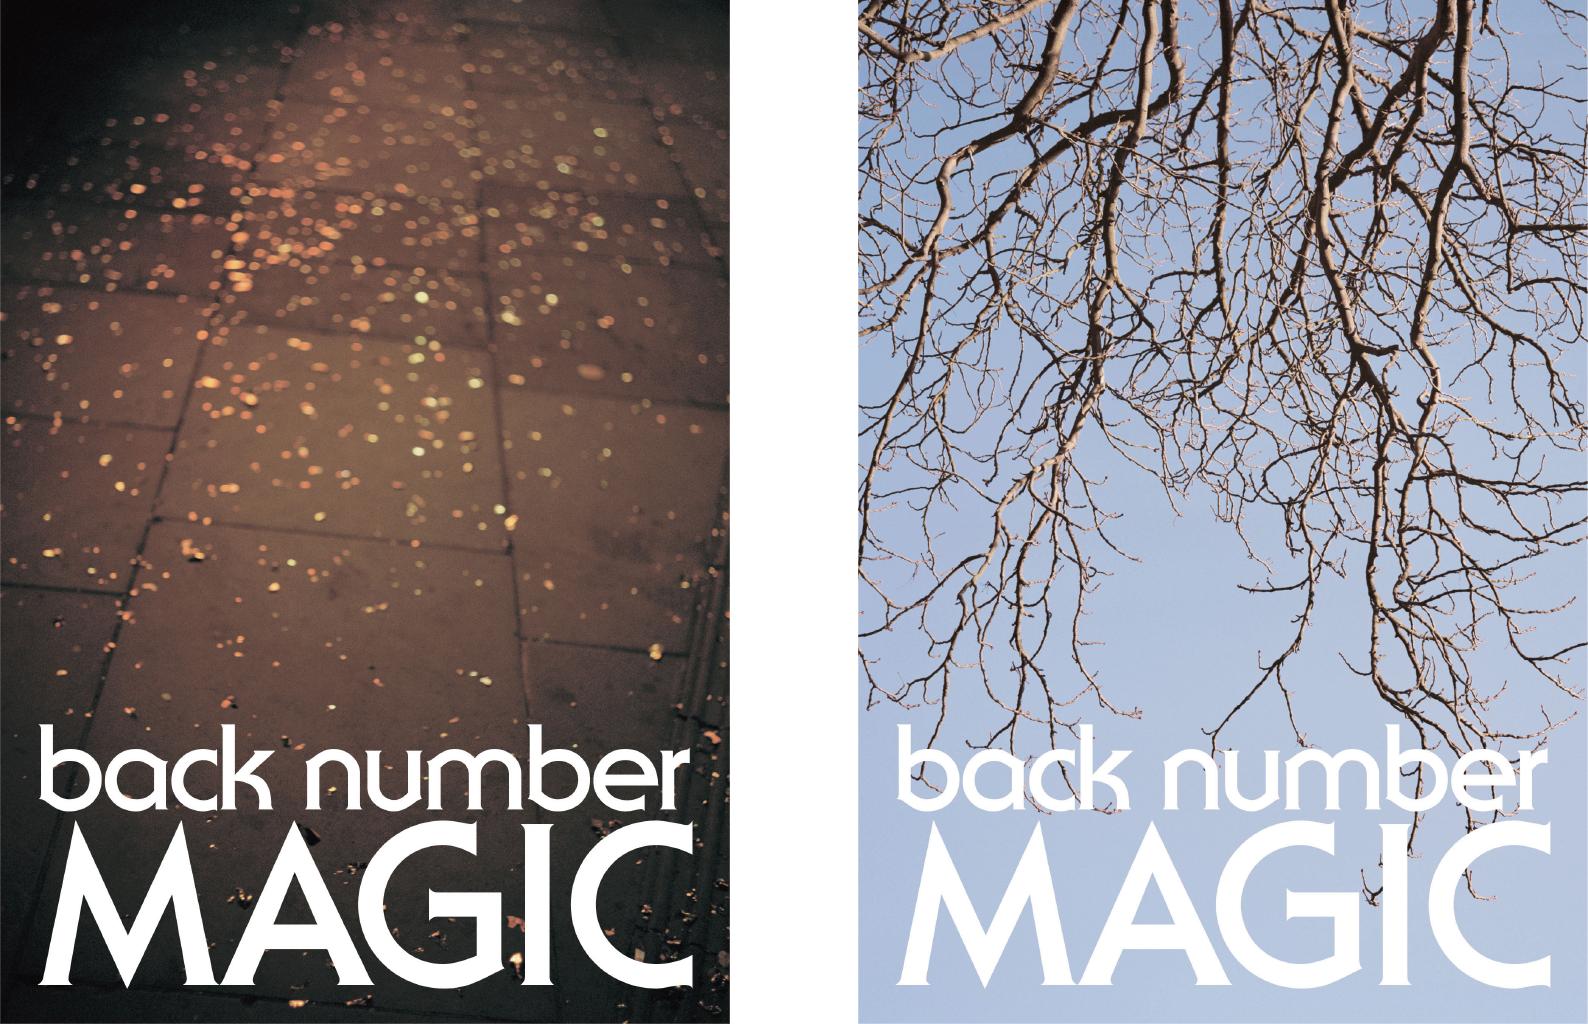 6thアルバム『MAGIC』3/27リリース決定!